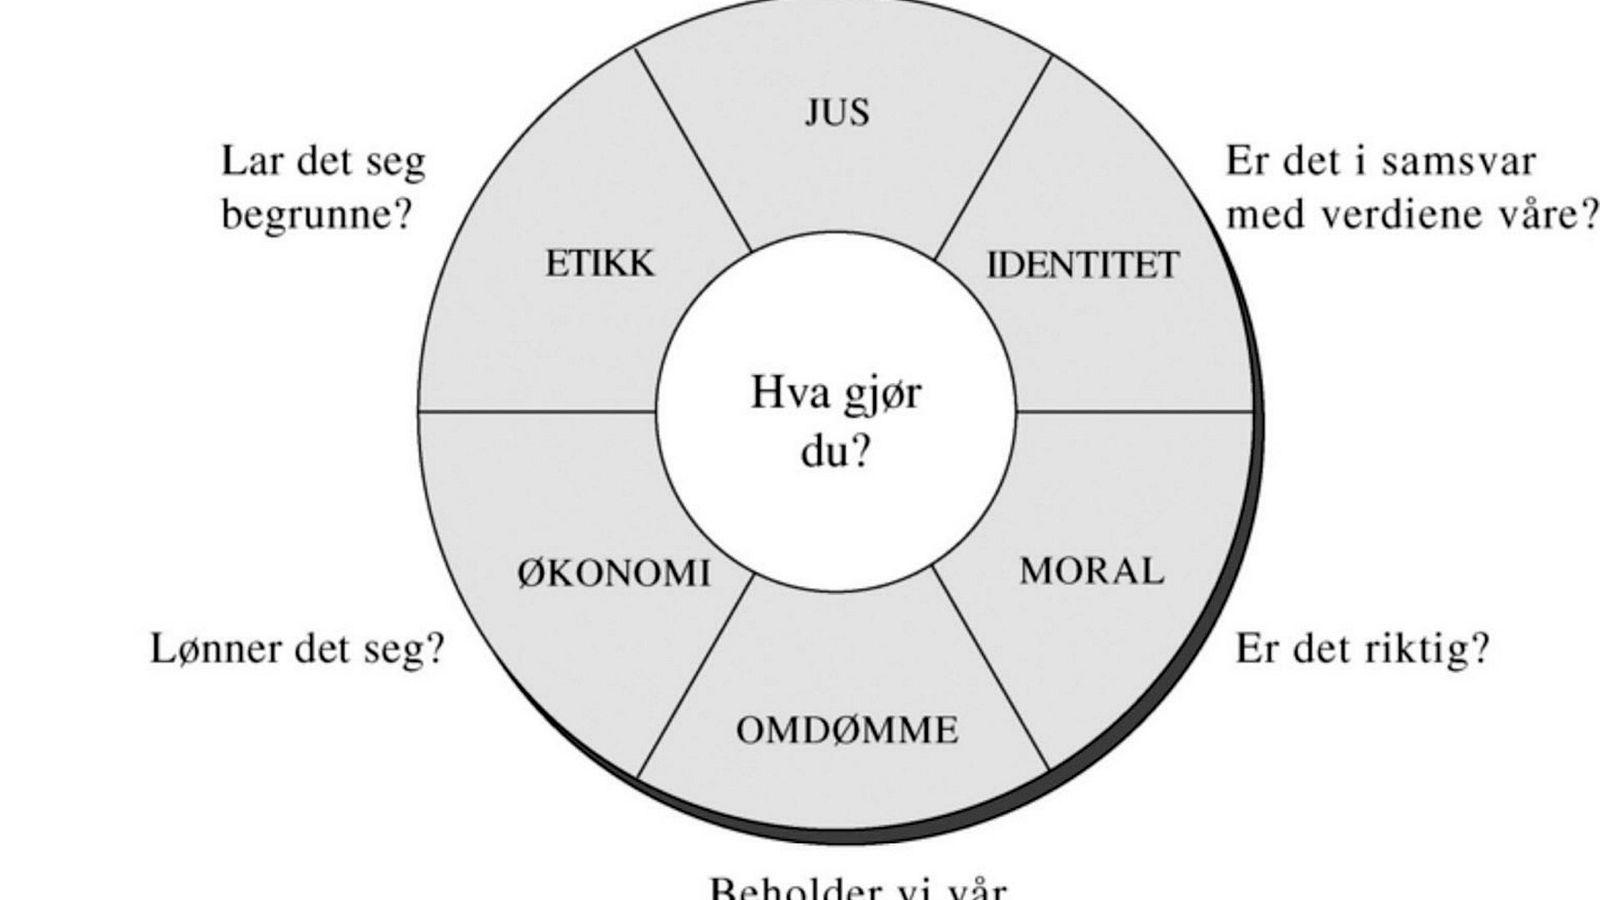 Navigasjonshjulet kan brukes til å reflektere om hva som er rett og galt i organisasjonslivet.